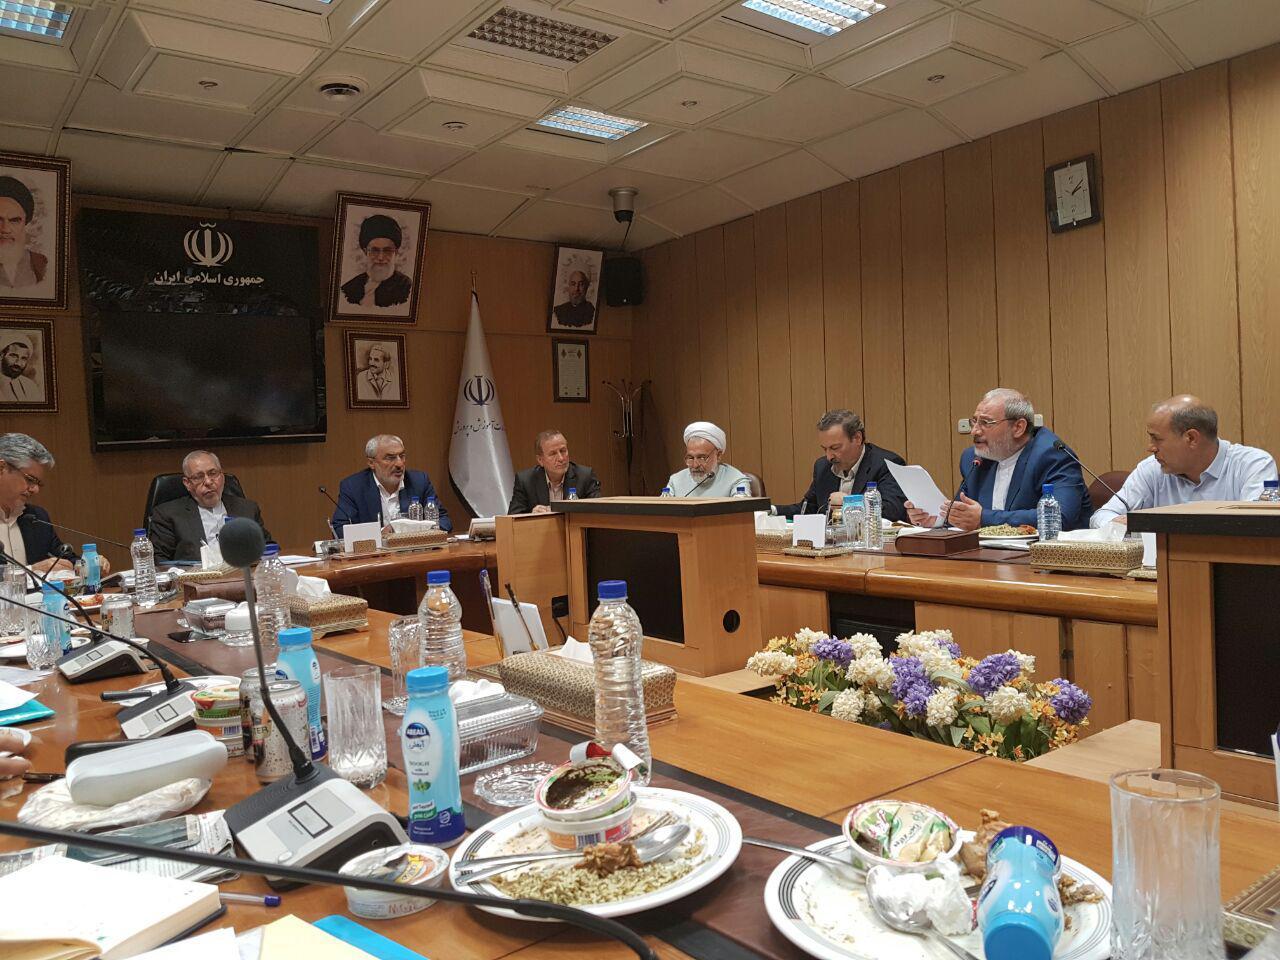 جلسه کمیسیون آموزش و تحقیقات مجلس با دکتر فانی وزیر آموزش و پرورش (2)